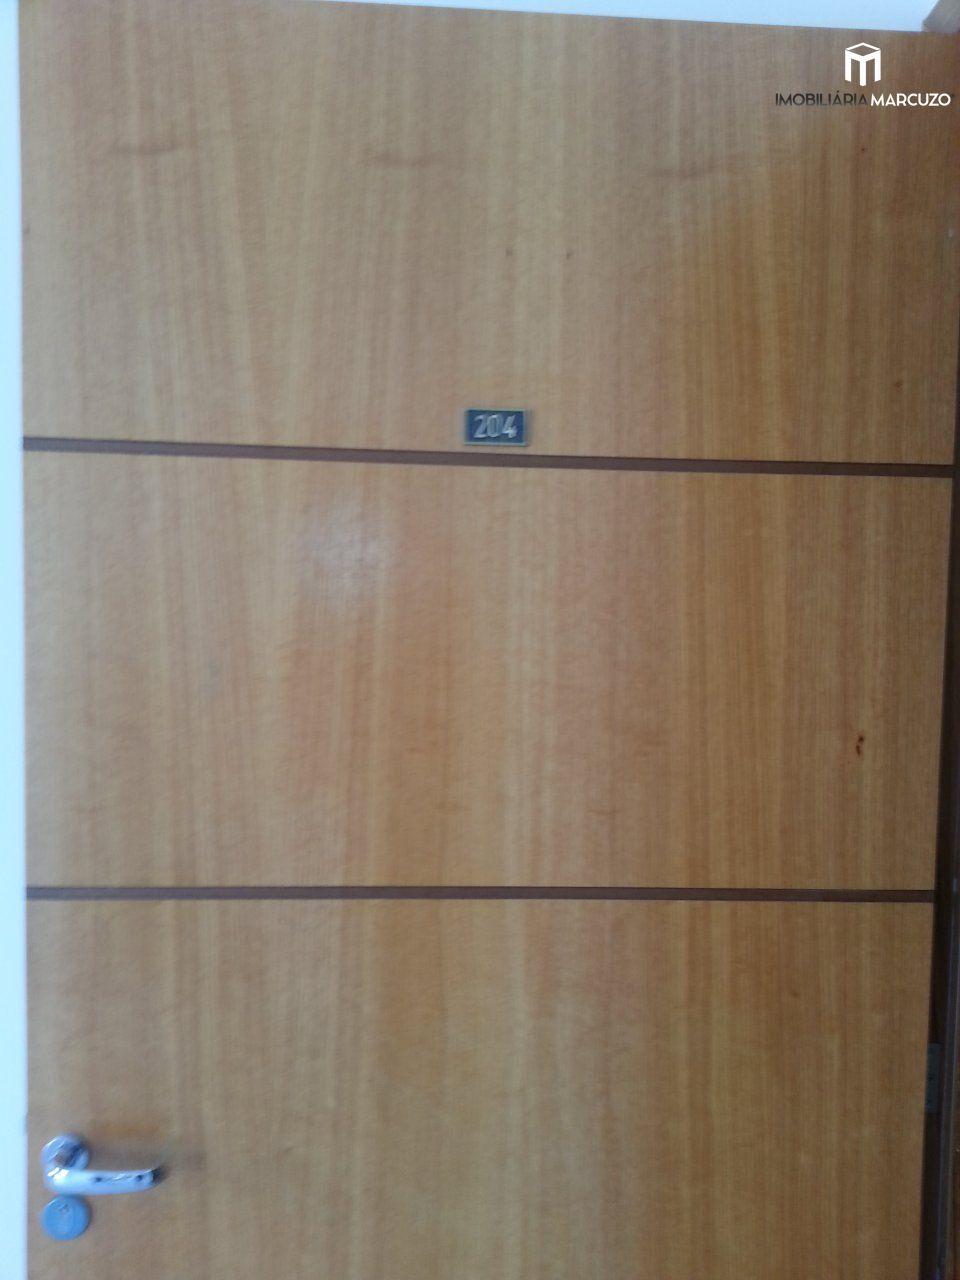 Apartamento com 2 Dormitórios à venda, 91 m² por R$ 357.000,00